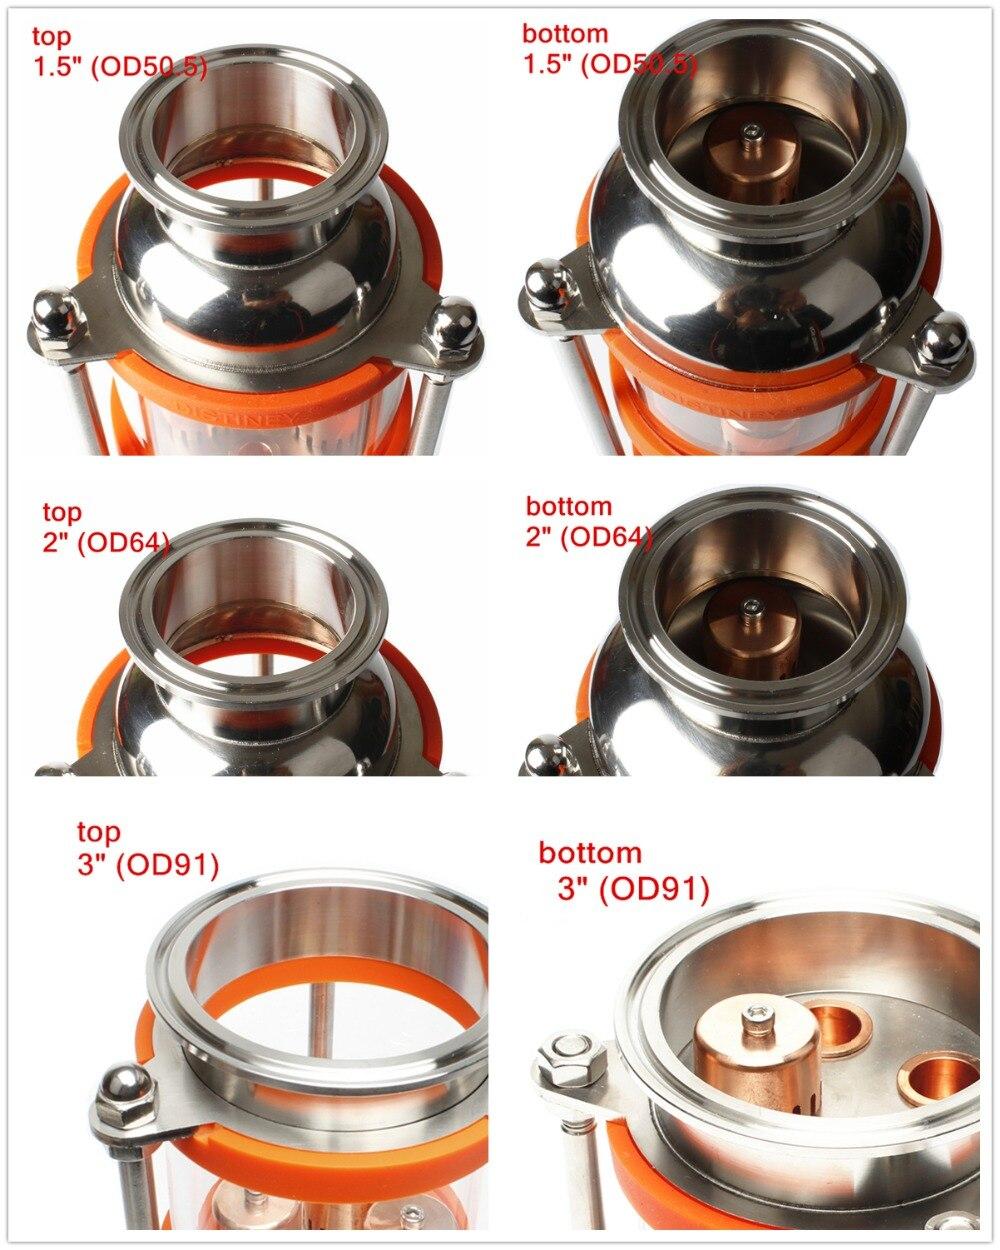 304 สแตนเลสสตีล/ทองแดง bubble กลั่นคอลัมน์ 6 ส่วนสำหรับ distillation แก้วคอลัมน์-ใน เครื่องโม่ จาก บ้านและสวน บน   3